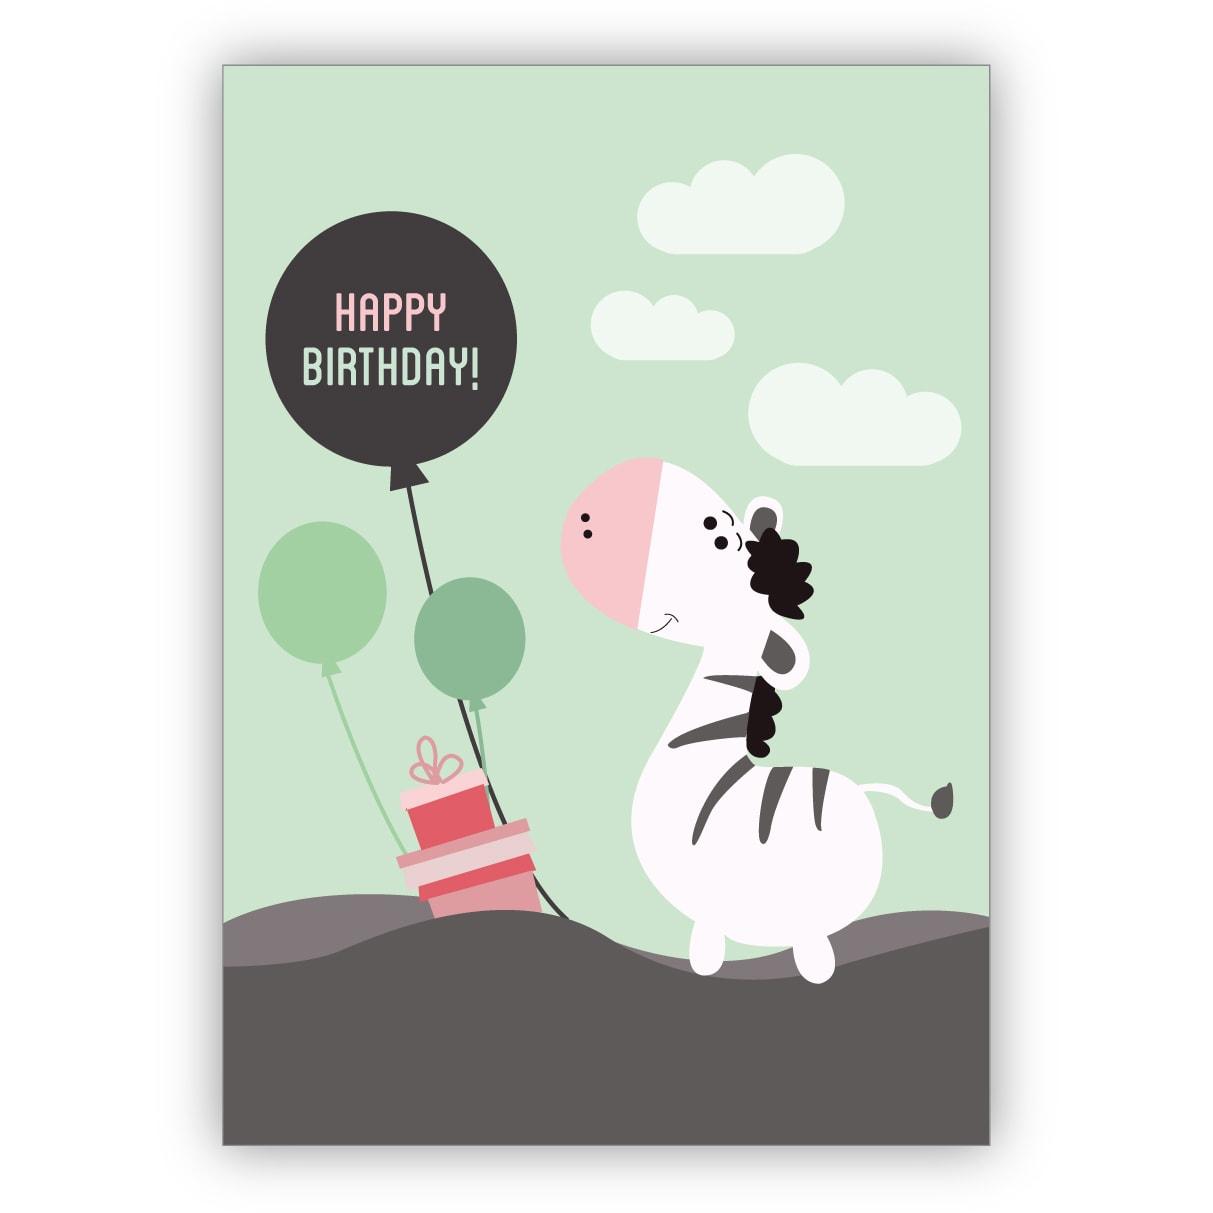 Süße Geburtstagskarte Mit Zebra Und Luftballons Nicht Nur Für Kinder: Happy  Birthday verwandt mit Geburtstagskarten Kinder